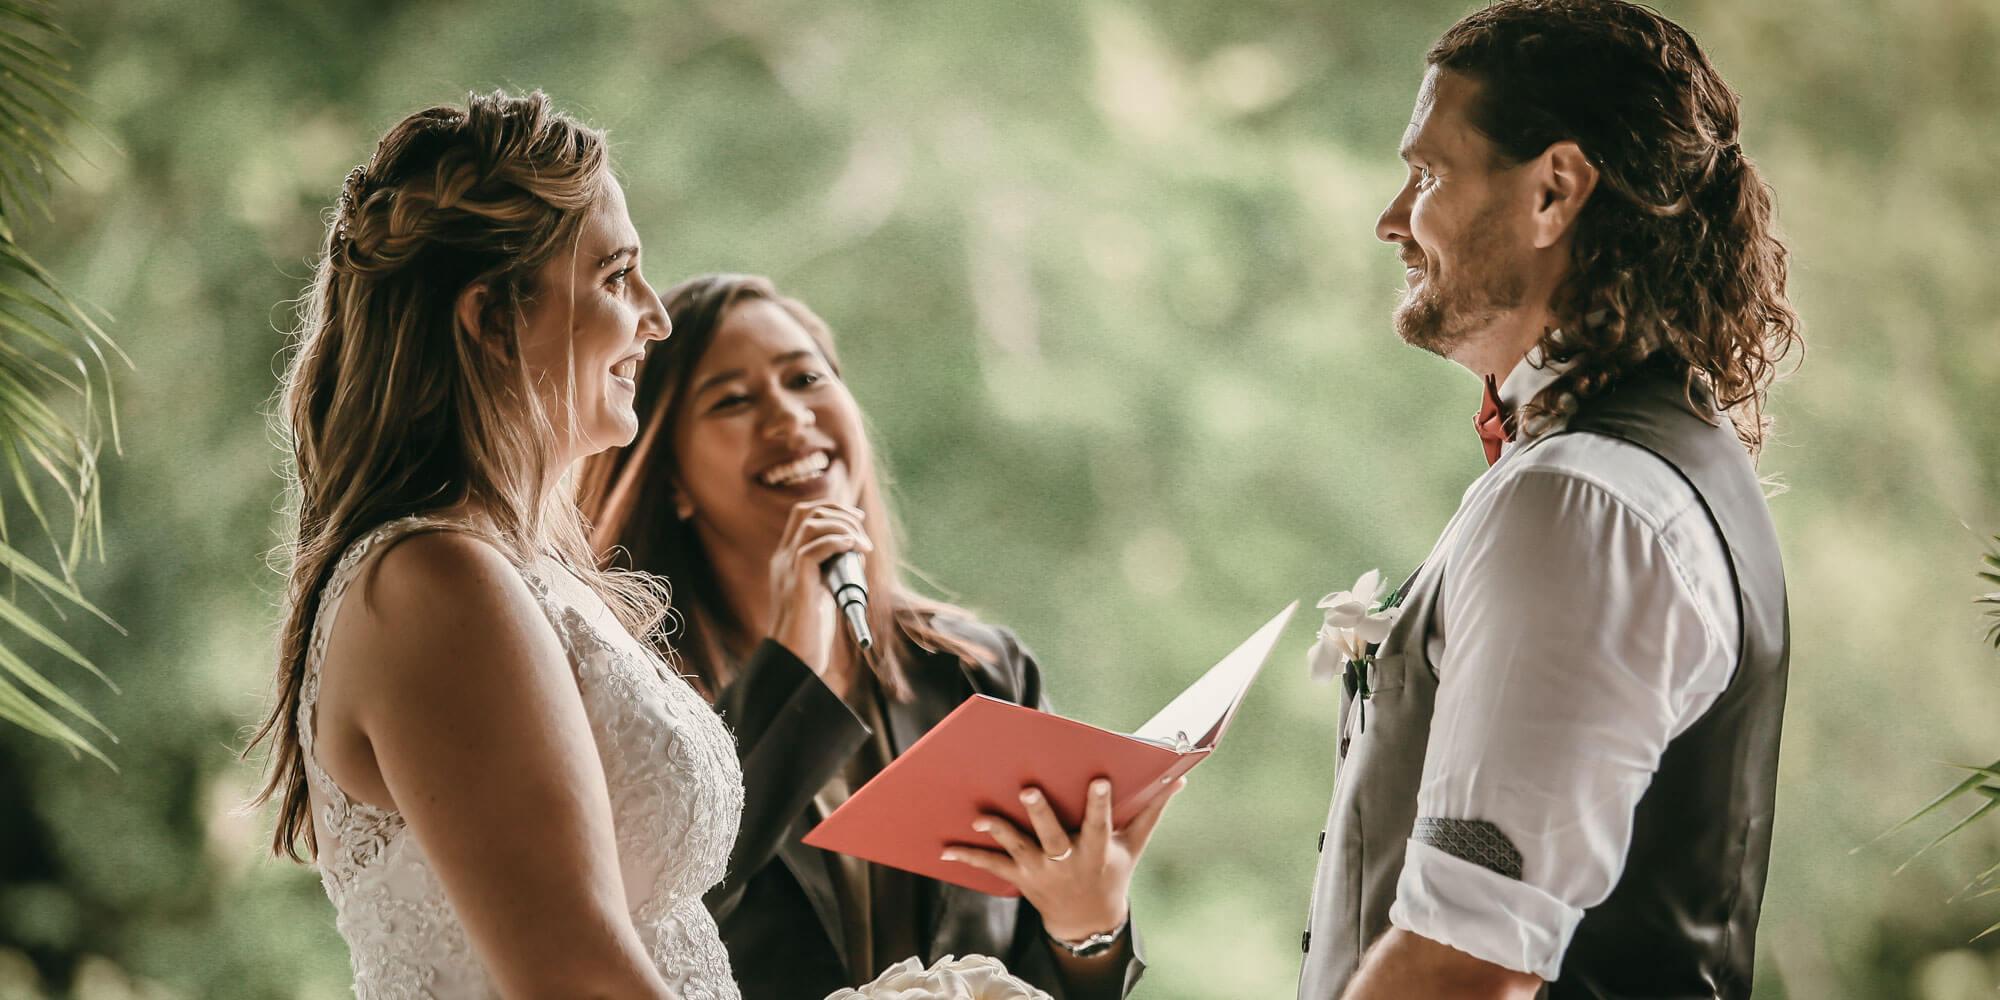 weddingvenuebali-waterfallbaliwedding-baliweddinghoneymoon-baliweddingorganizer-baliweddingplanner-baliweddingpackage-layanawarung4